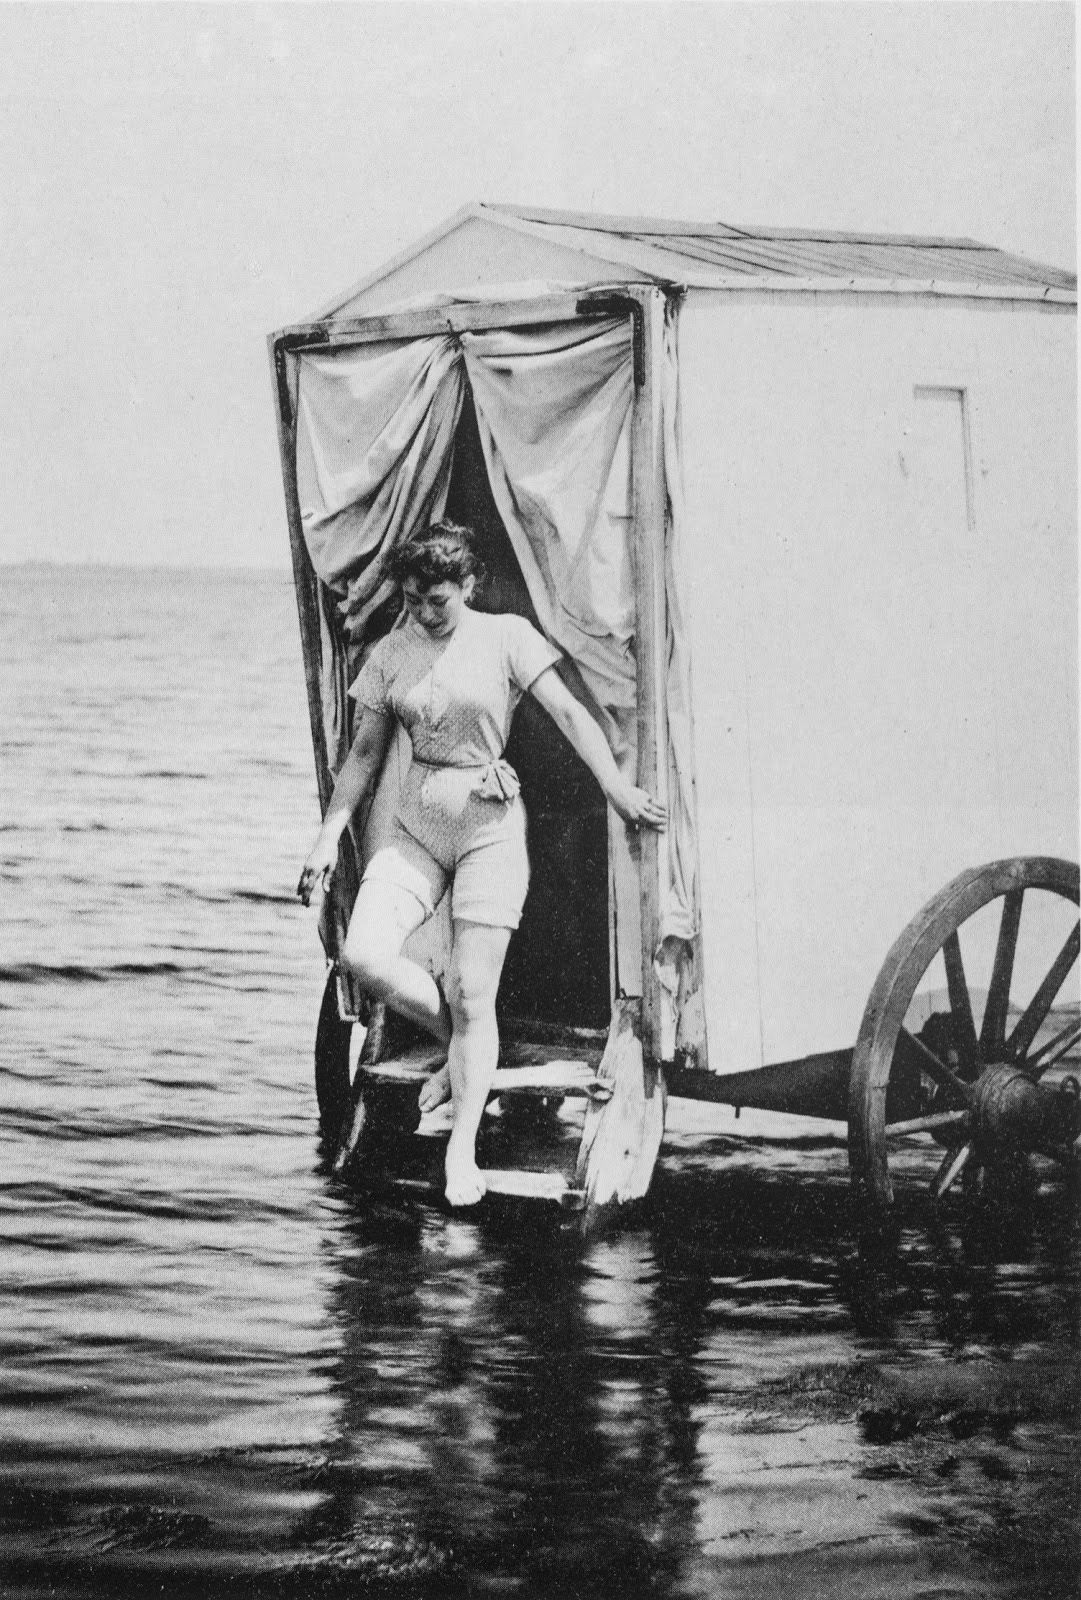 machine bain cabine plage mer 19 Des cabines de bain mobiles pour se baigner en toute dignité